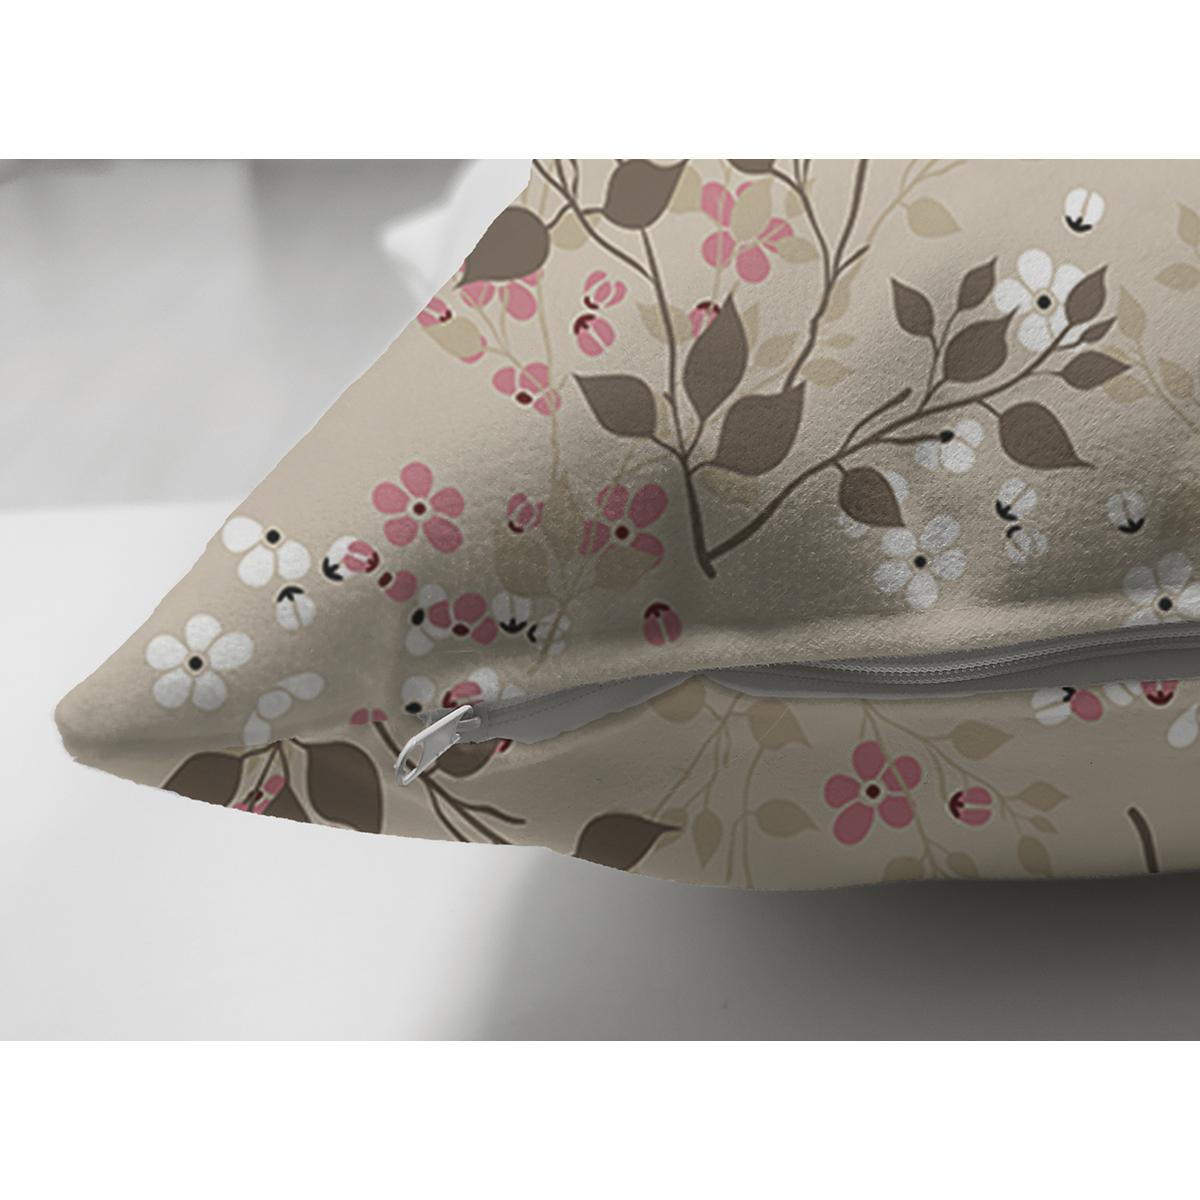 Çift Taraflı Pastel Zemin Üzerinde Çiçek Desenli Dijital Baskılı Modern Süet Yastık Kırlent Kılıfı Realhomes